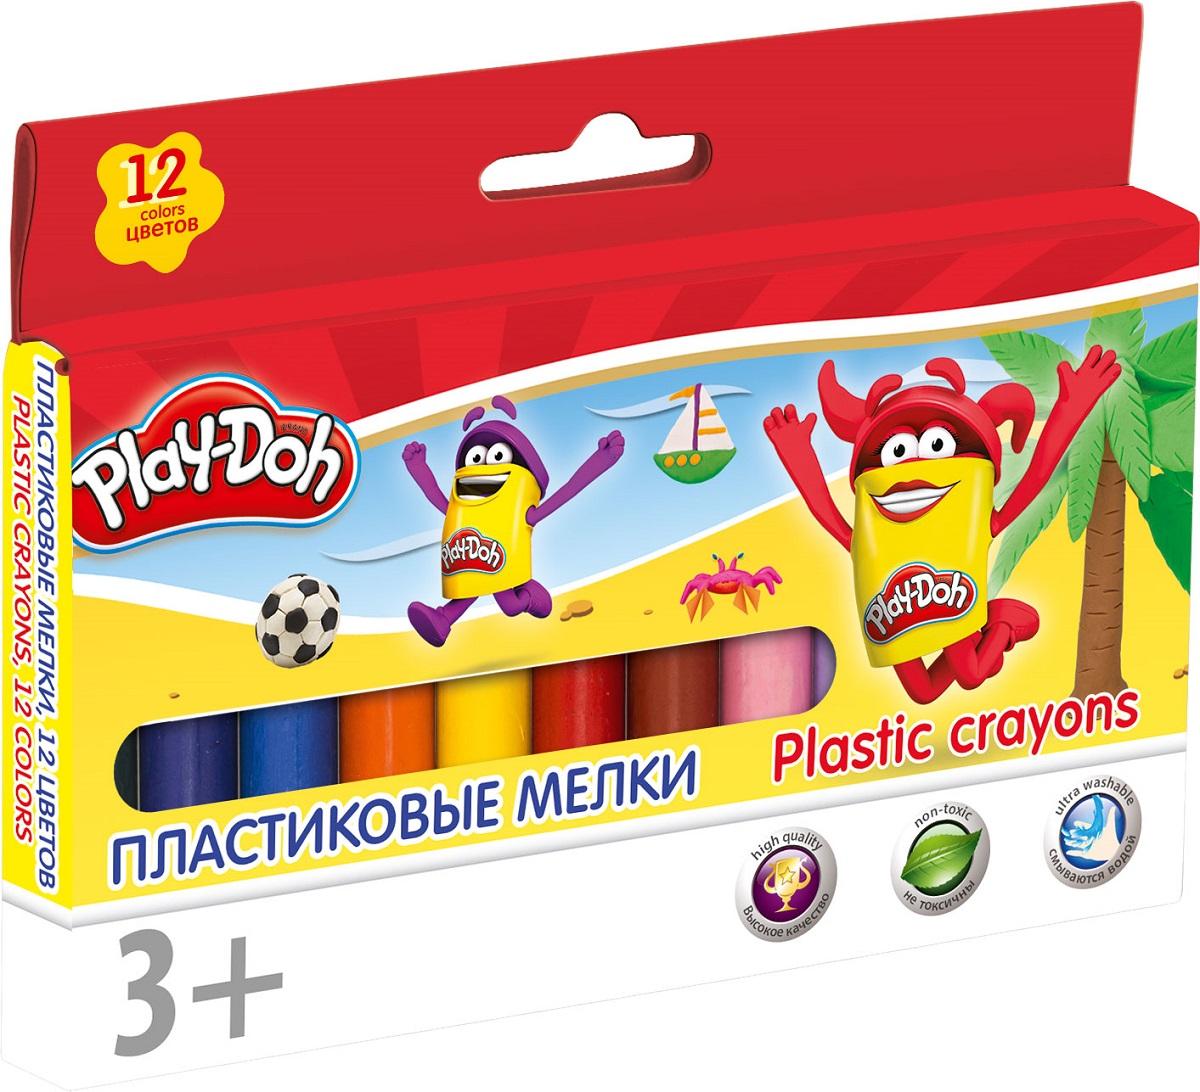 Play-Doh Мелки восковые 12 цветов -  Мелки и пастель